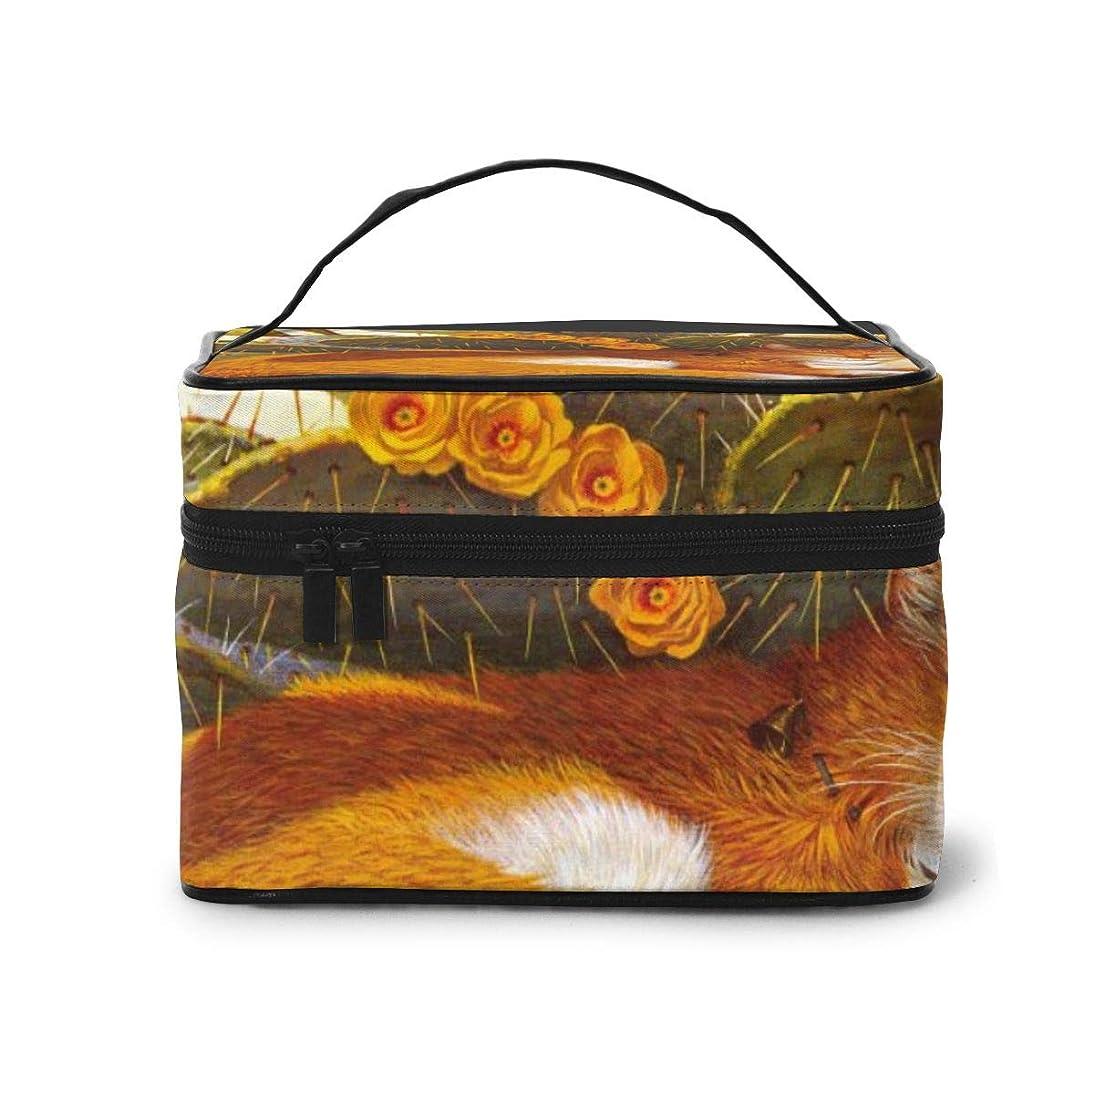 更新しっとり粘性のメイクポーチ 化粧ポーチ コスメバッグ バニティケース トラベルポーチ ボヘミアン猫 カクタス かわいい 雑貨 小物入れ 出張用 超軽量 機能的 大容量 収納ボックス